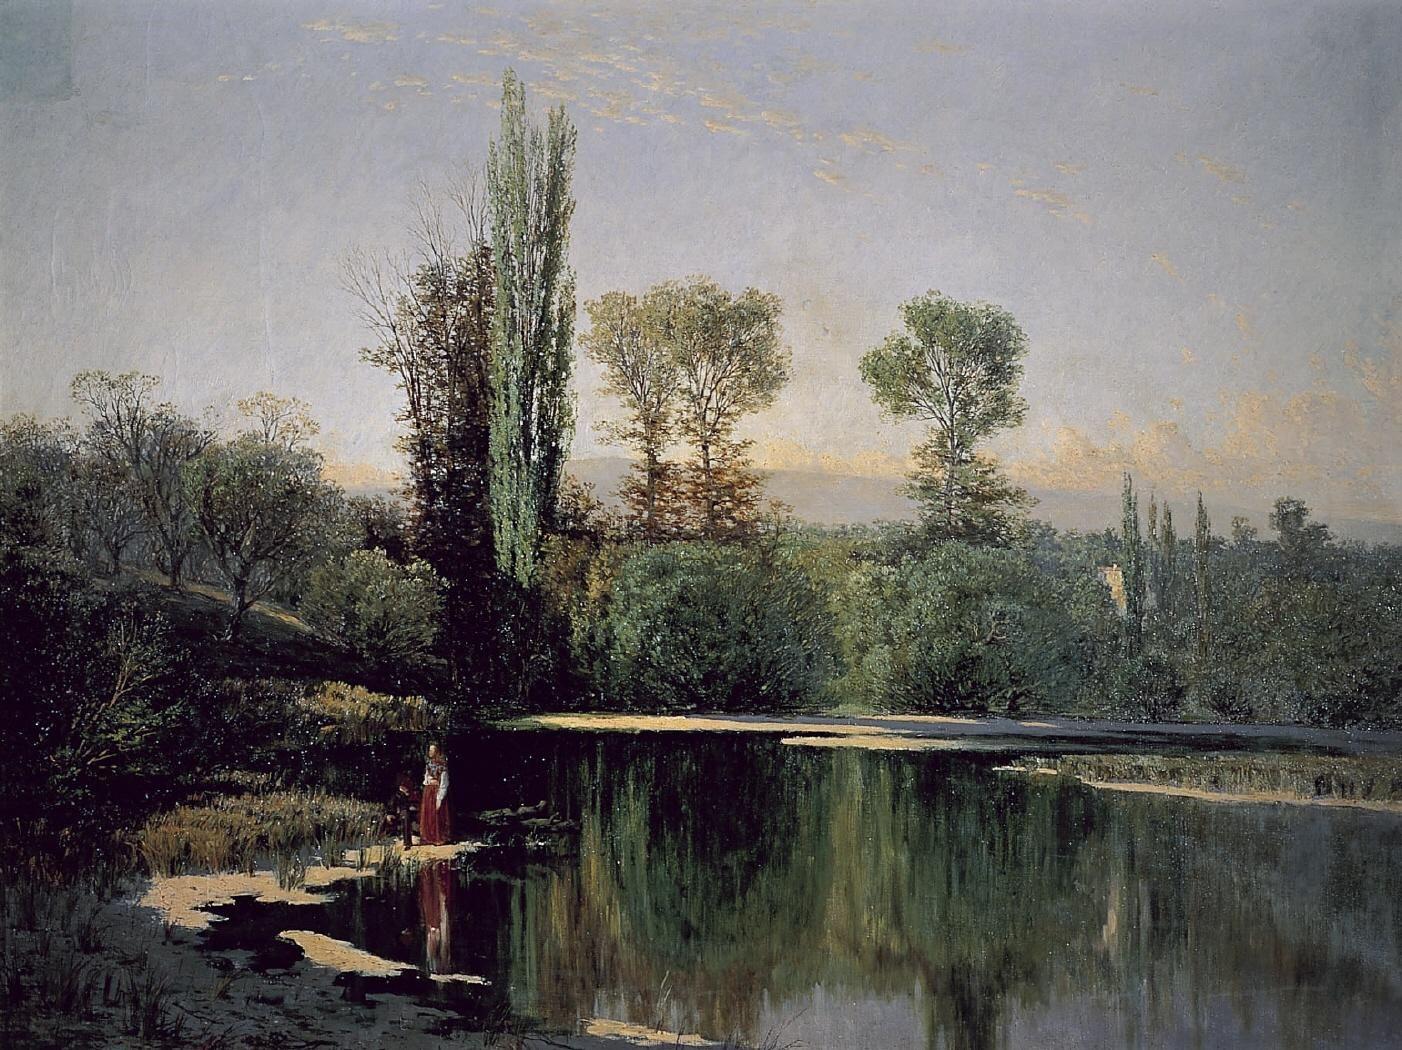 Seraf n avenda o paisaje de la casa de campo 1861 - Paisajes de casas de campo ...